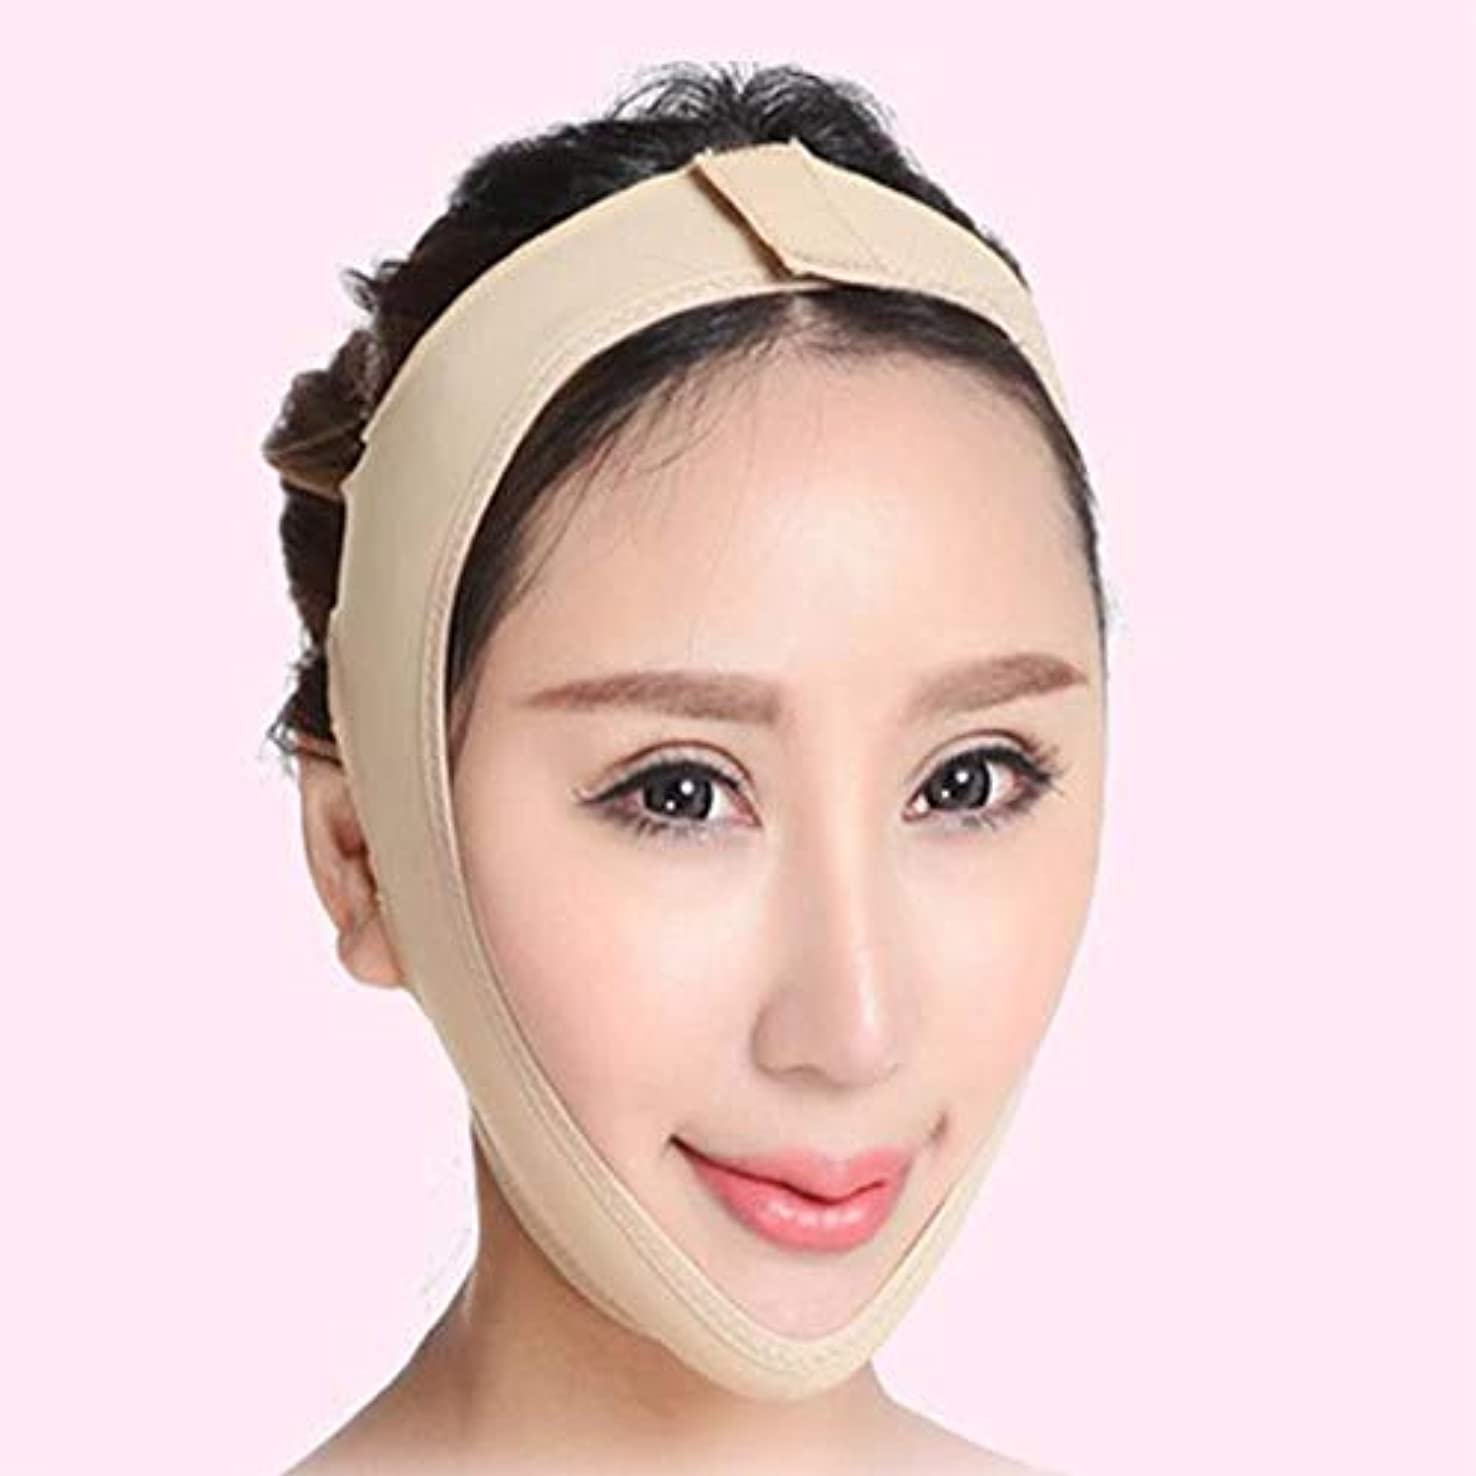 不運論文腕MR 小顔マスク リフトアップ マスク フェイスラインシャープ メンズ レディース Mサイズ MR-AZD15003-M